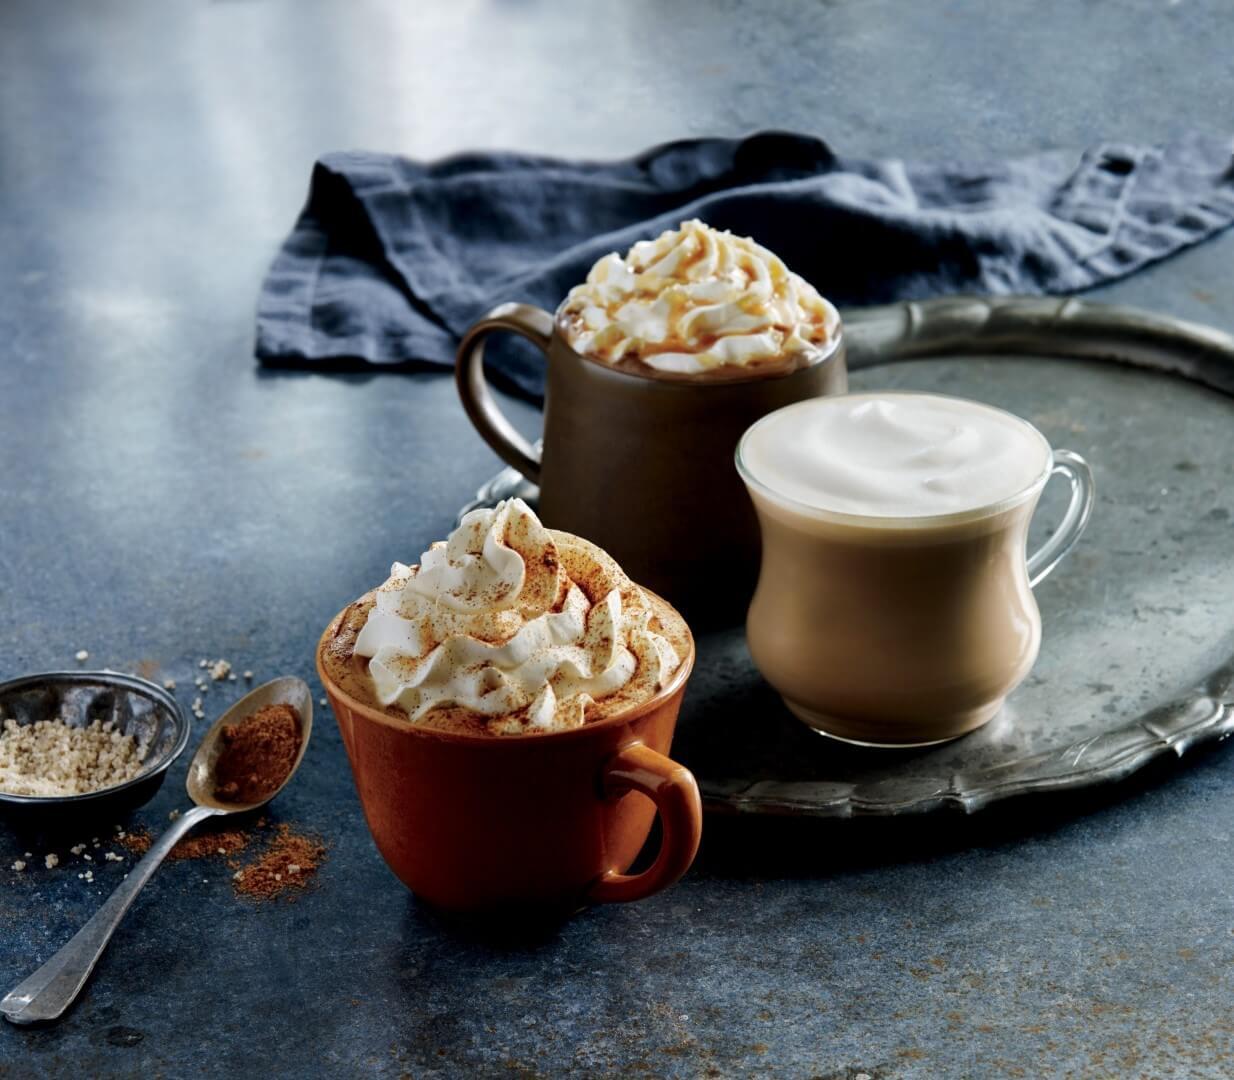 Sonbaharın Beklenen Lezzeti Pumpkin Spice Latte Geri Dönüyor